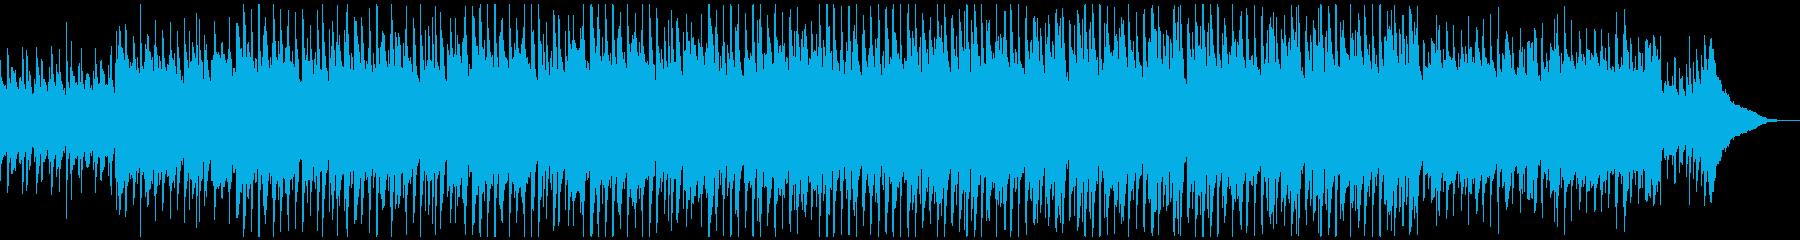 ほのぼのした明るいアコースティックポップの再生済みの波形